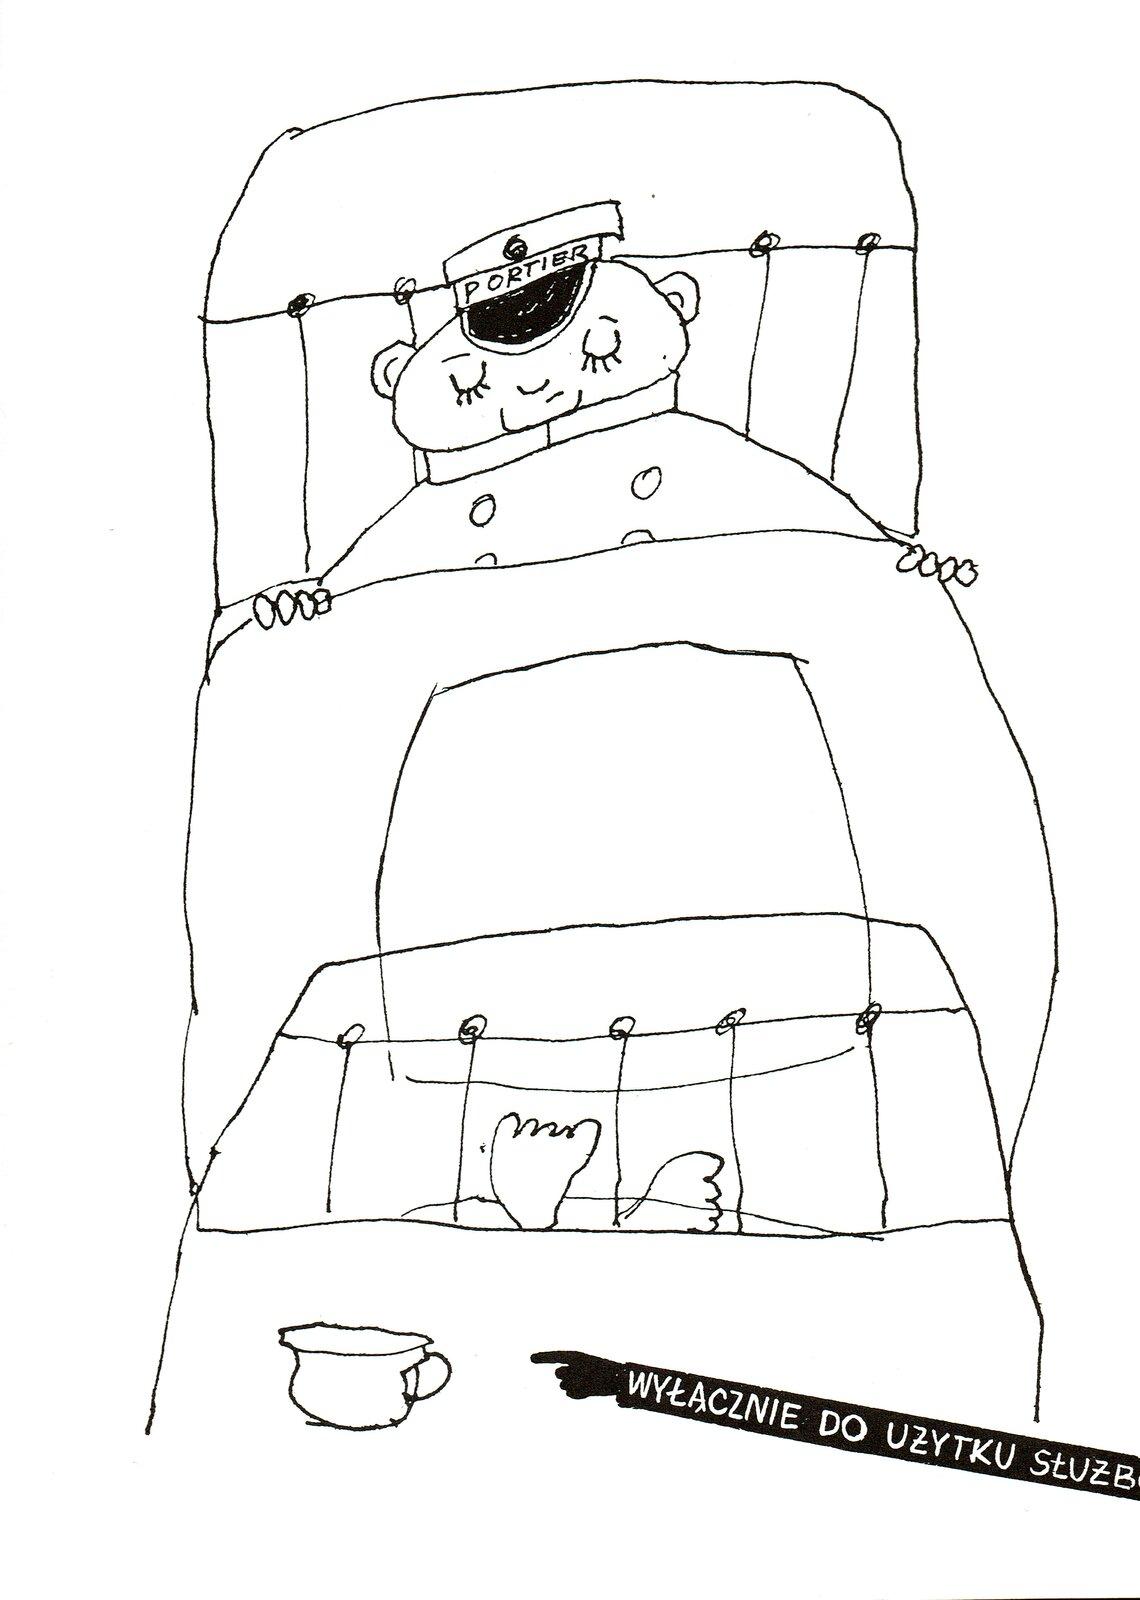 """Ilustracja przedstawia pracę Bohdana Butenki zksiążki Ericha Kästnera """"35 Maja"""". Ukazuje mężczyznę leżącego włóżku, na którego czapce zdaszkiem znajduje się napis PORTIER. Spod przykrycia wystają jego stopy. Udołu umieszczony jest fragment stolika, na którym stoi filiżanka oraz pasek zakończony dłonią zwyciągniętym wjej kierunku wskazującym palcem inapisem: WYŁĄCZNIE DO UŻYTKU SŁUŻB. Czarno-biała ilustracja narysowana jest zwykorzystaniem wyłącznie linii."""